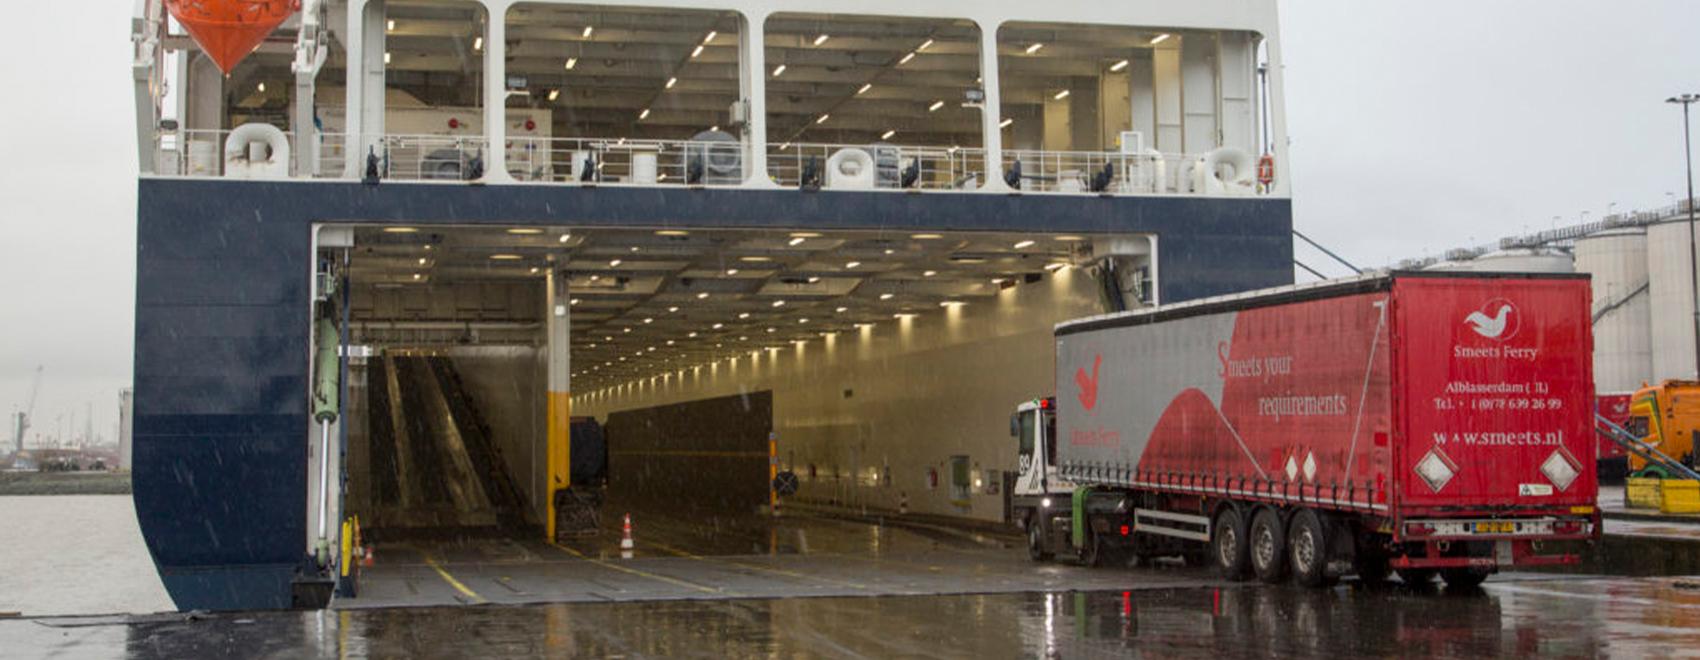 Smeets Ferry bespaart tonnen